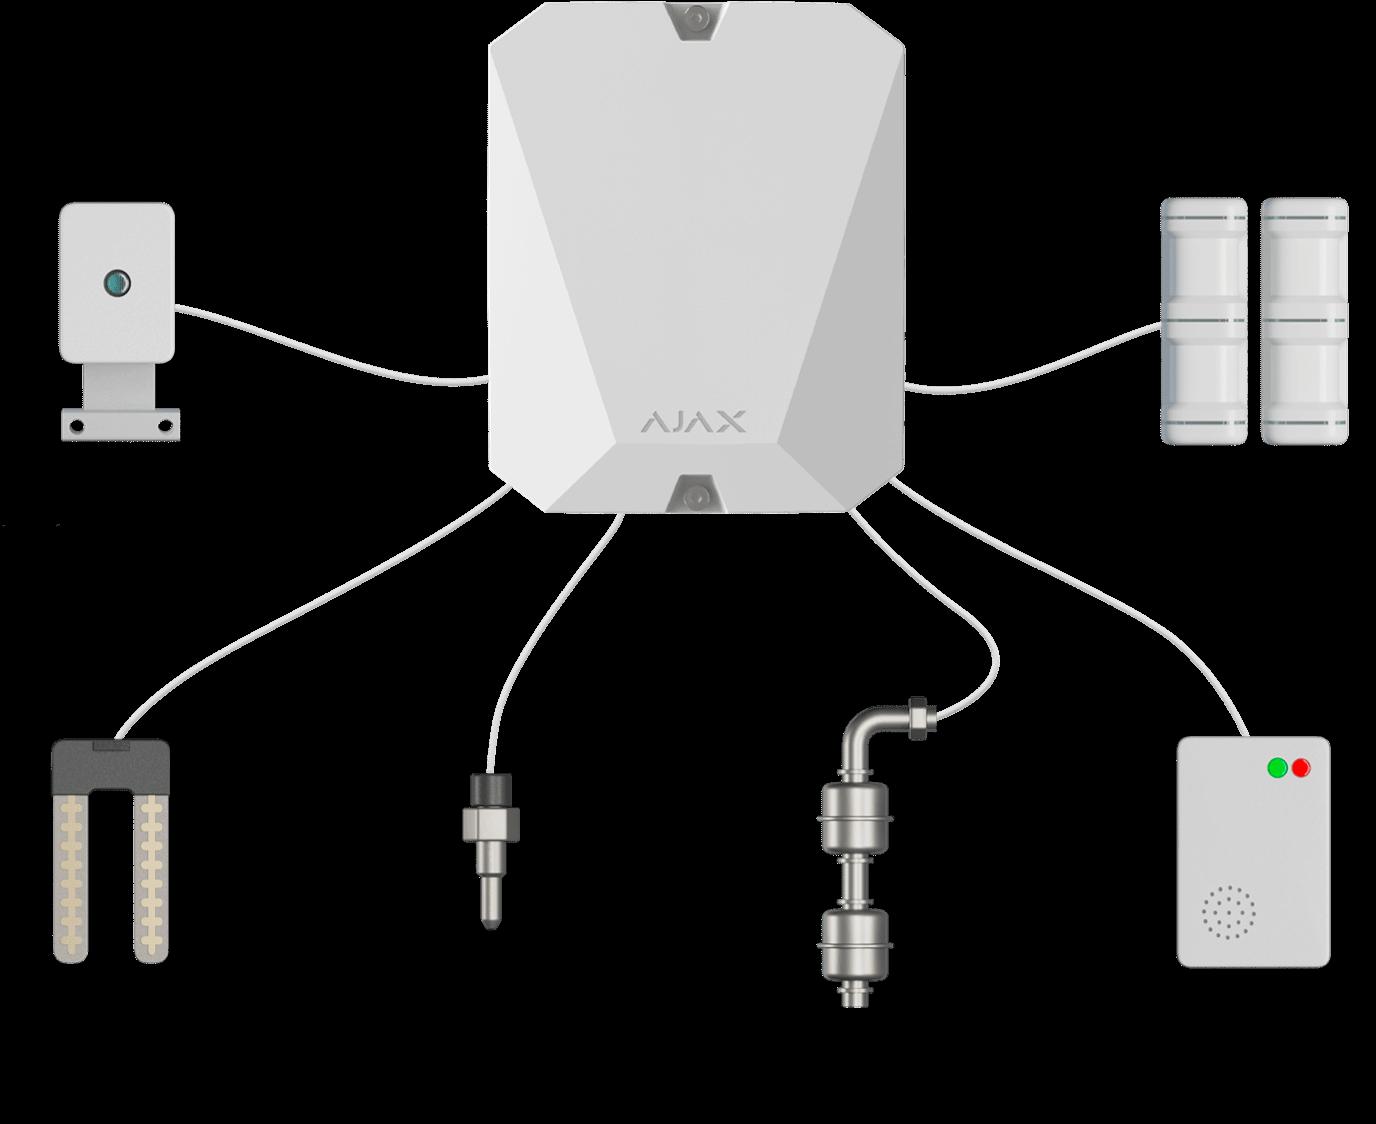 ajax multitransmitter devices